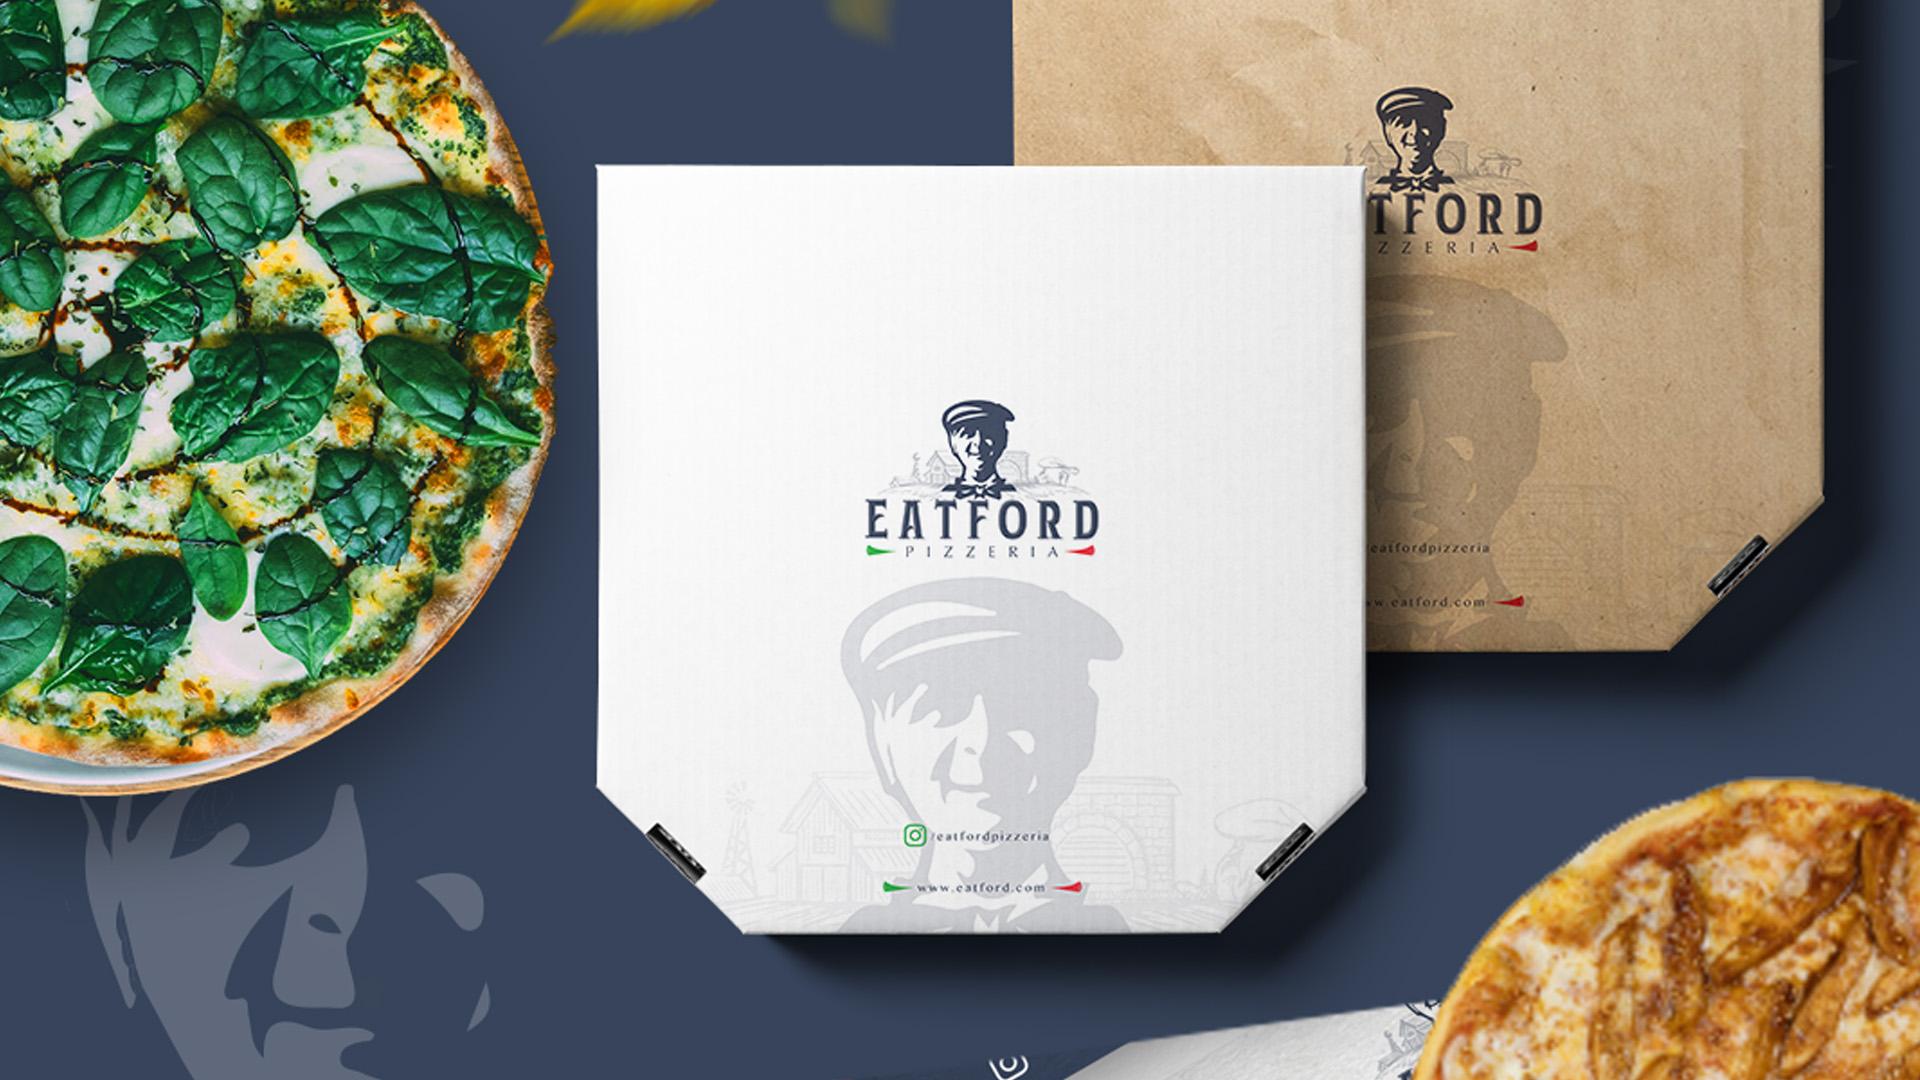 Eatford Pizzeria